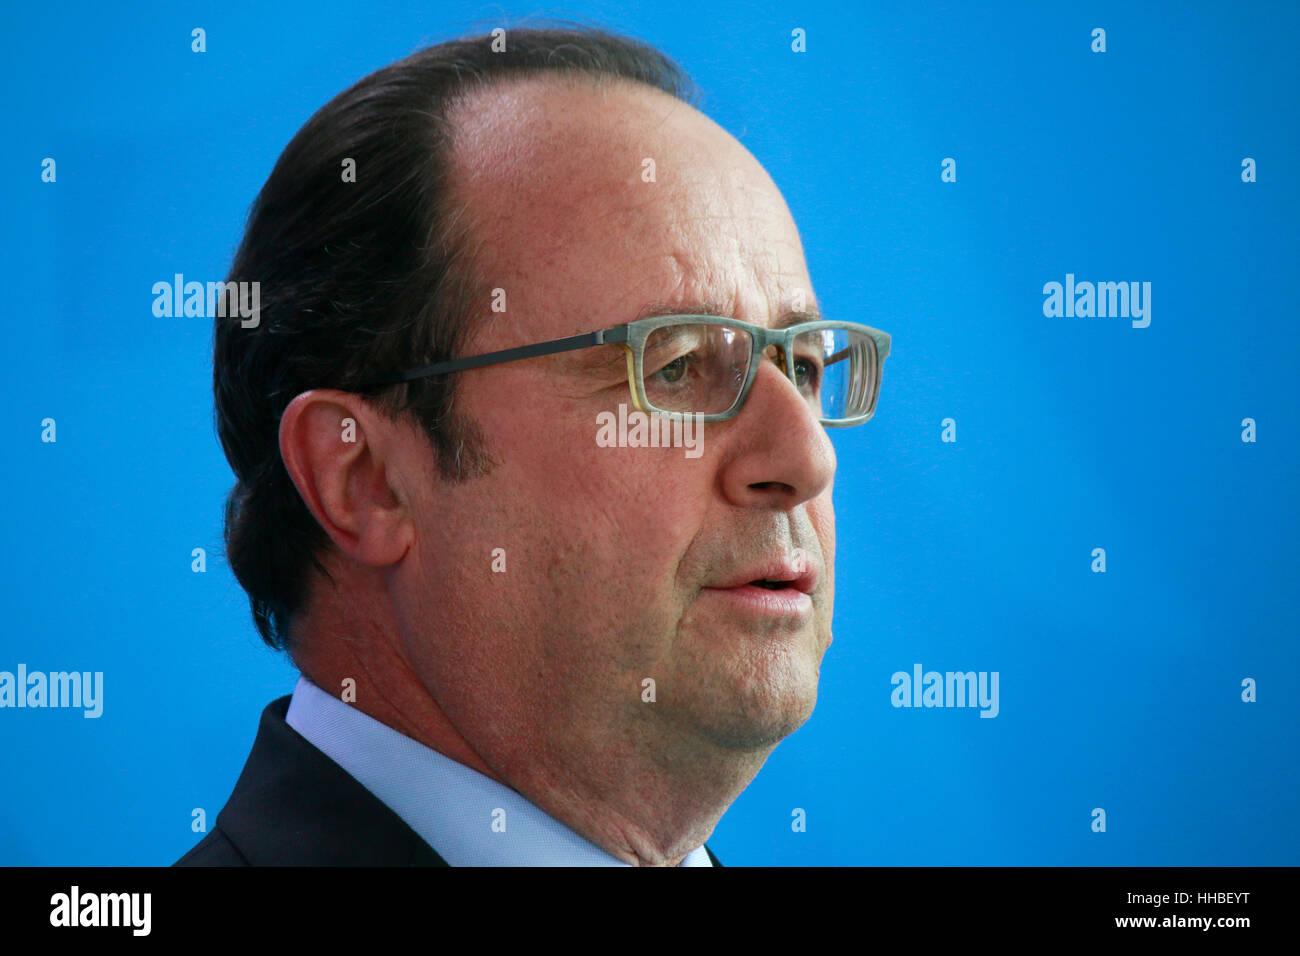 Francois Hollande - Treffen der dt. Bundeskanzlerin Mit Dem Italienischen Ministerpraesidenten Und Dem Franzoesischen Stockbild